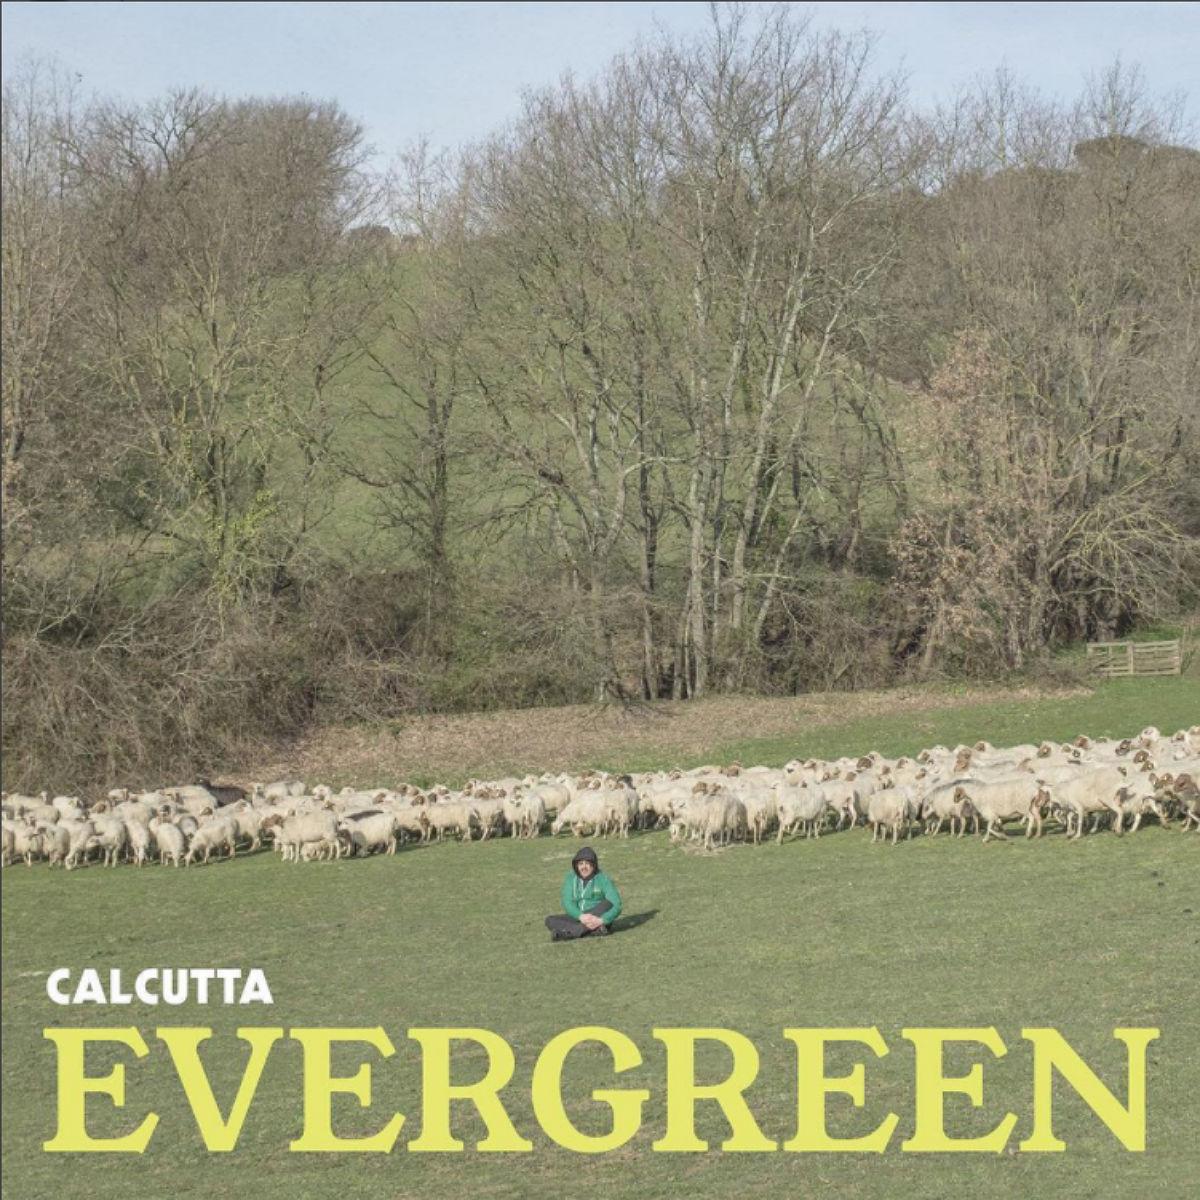 Evergreem - Calcutta